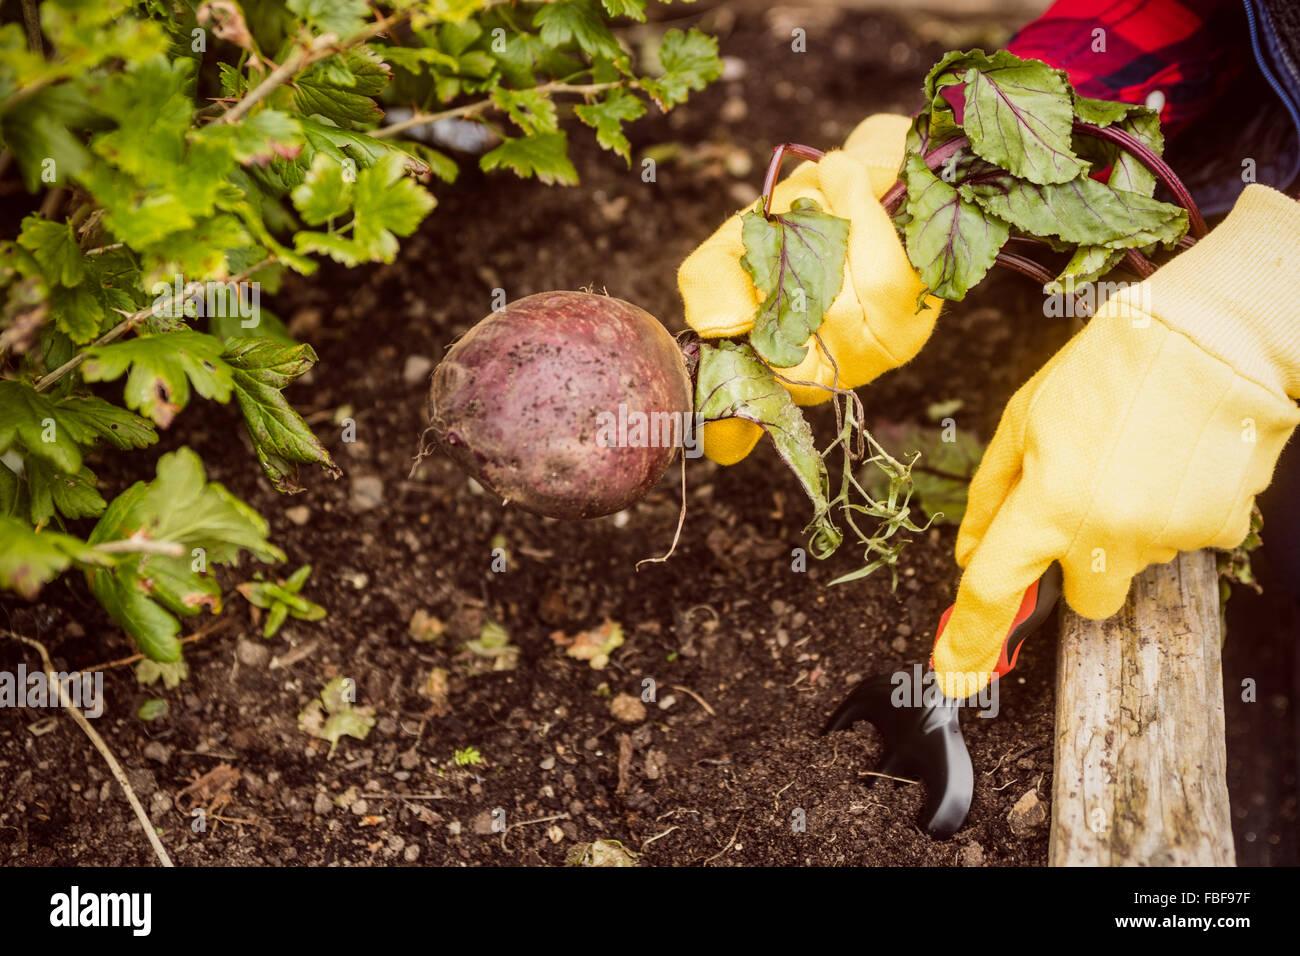 La mano tirando de remolacha del suelo Imagen De Stock